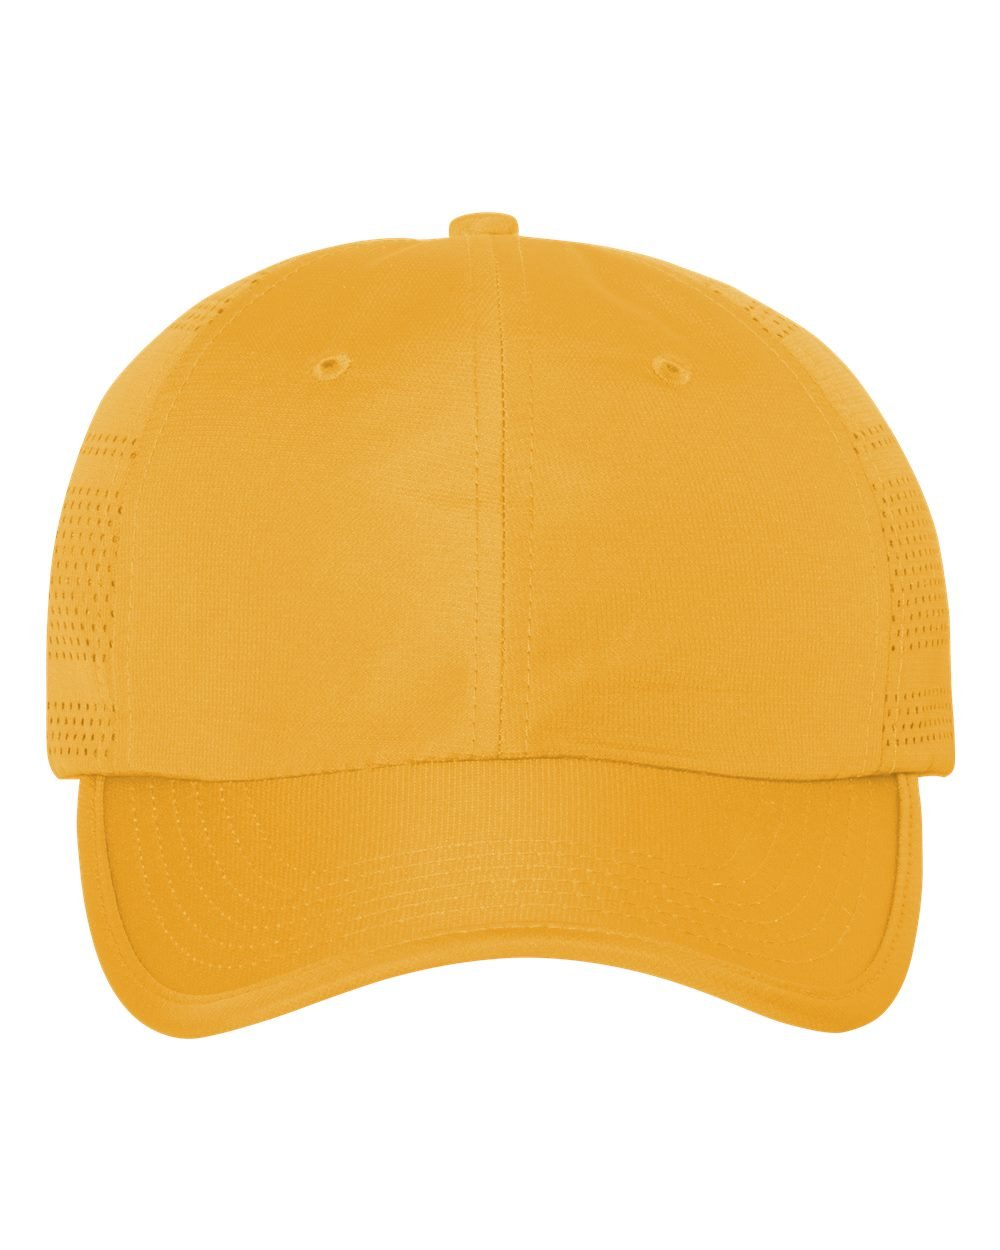 Team Sportsman HAT メンズ ゴールド L Lゴールド B01N23TQQ8